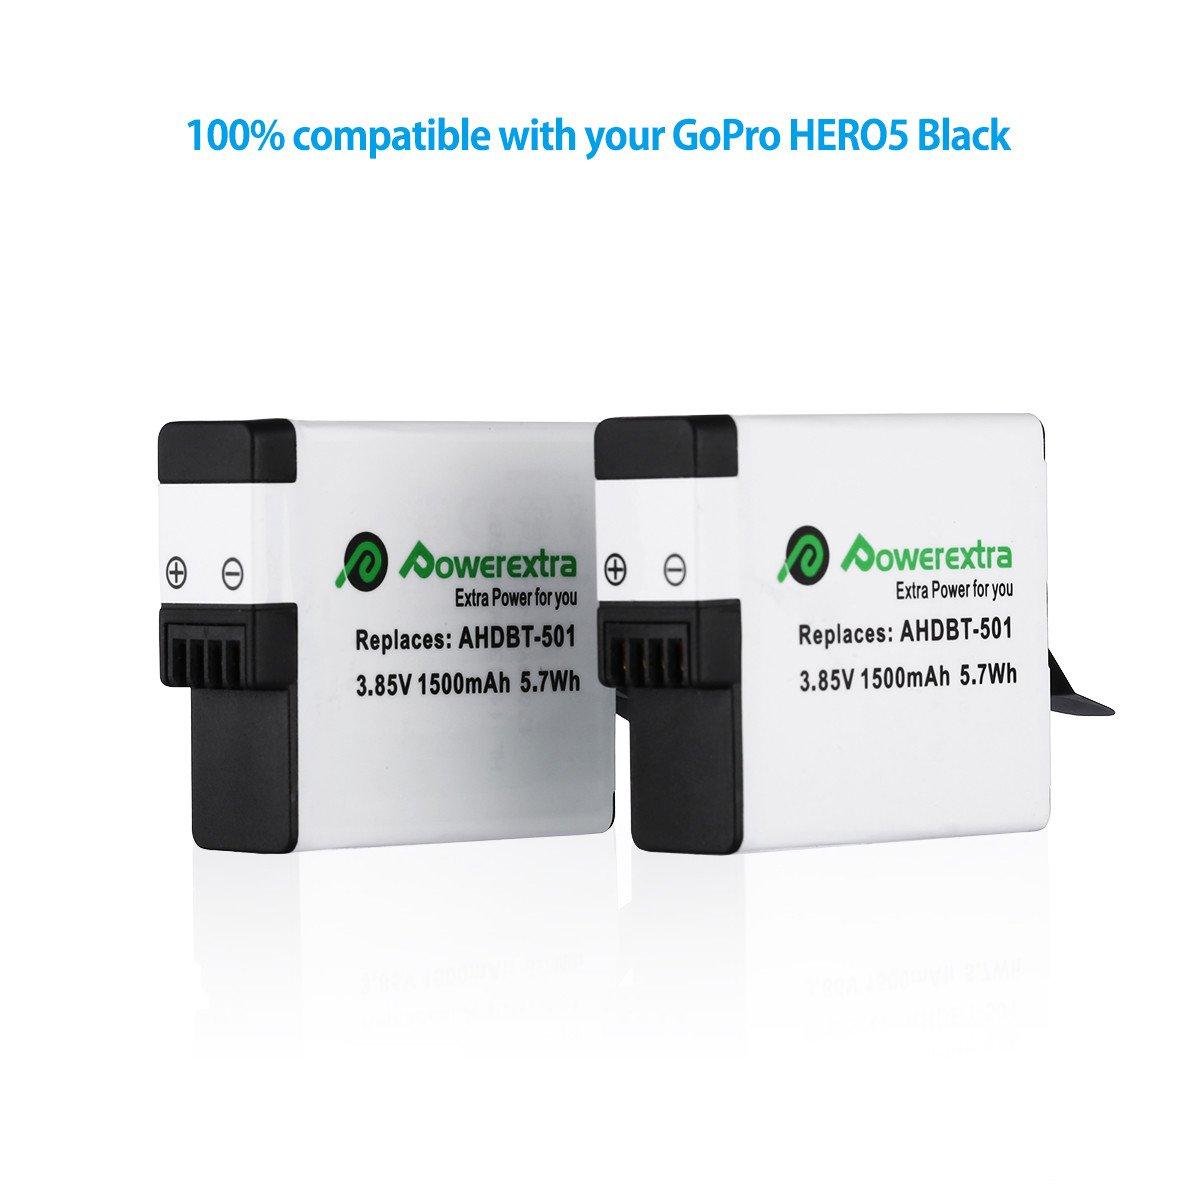 Powerextra 2 Paquete de Batería de Repuesto para GoPro HERO5 Negro HERO 6 Negro (Compatible con el firmware v01.50, v01.55, v01.57 y v02.00)